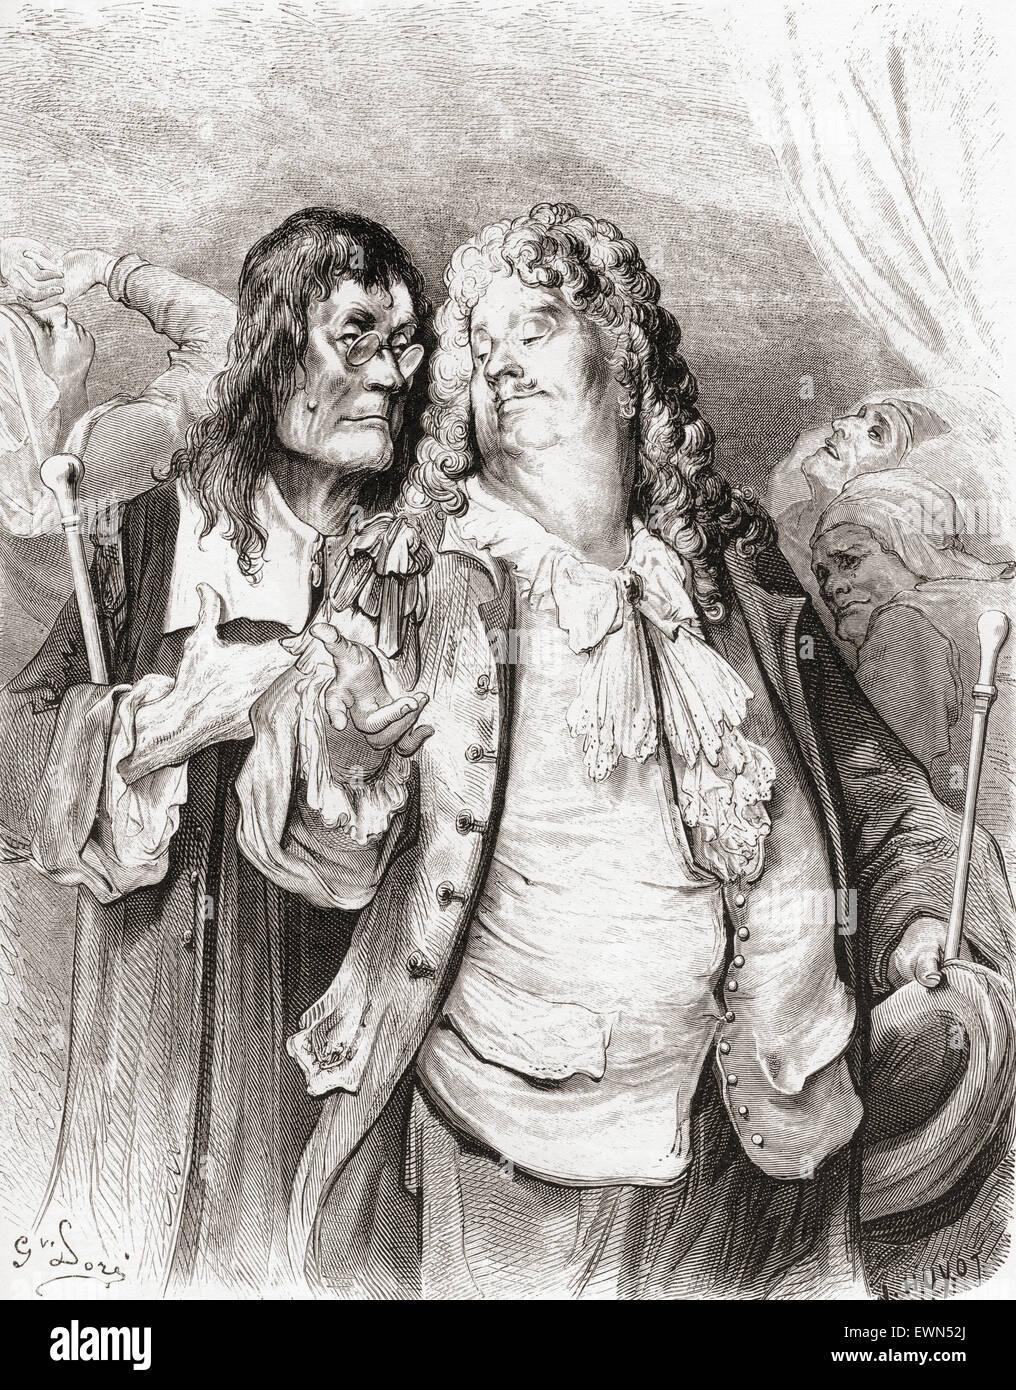 Gustave Doré's illustration of La Fontaine's fable The Doctors, Les Médecins. - Stock Image